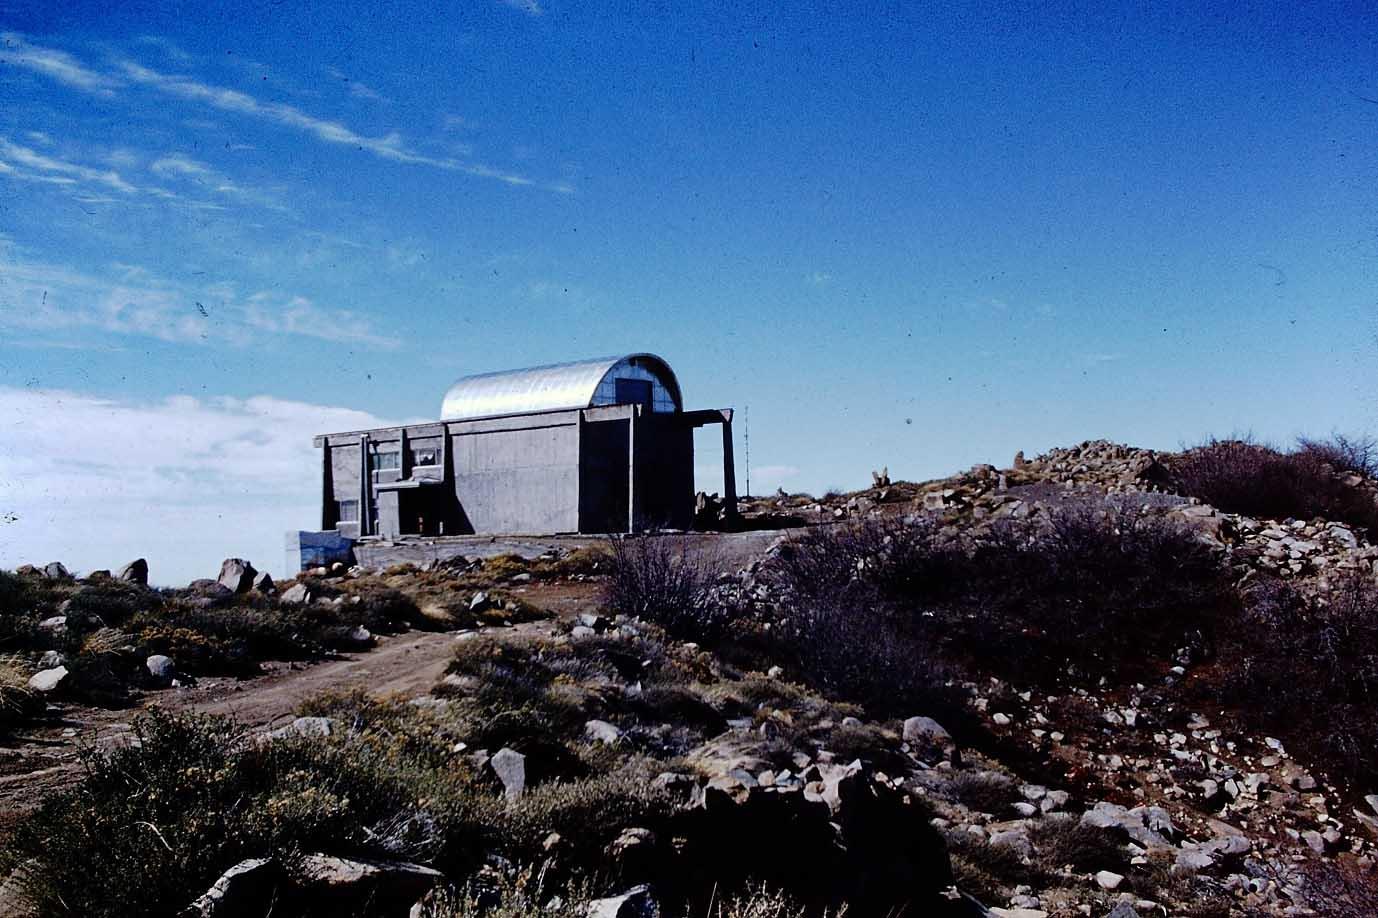 Enterreno - Fotos históricas de chile - fotos antiguas de Chile - Observatorio Cerro el Roble ca. 1970